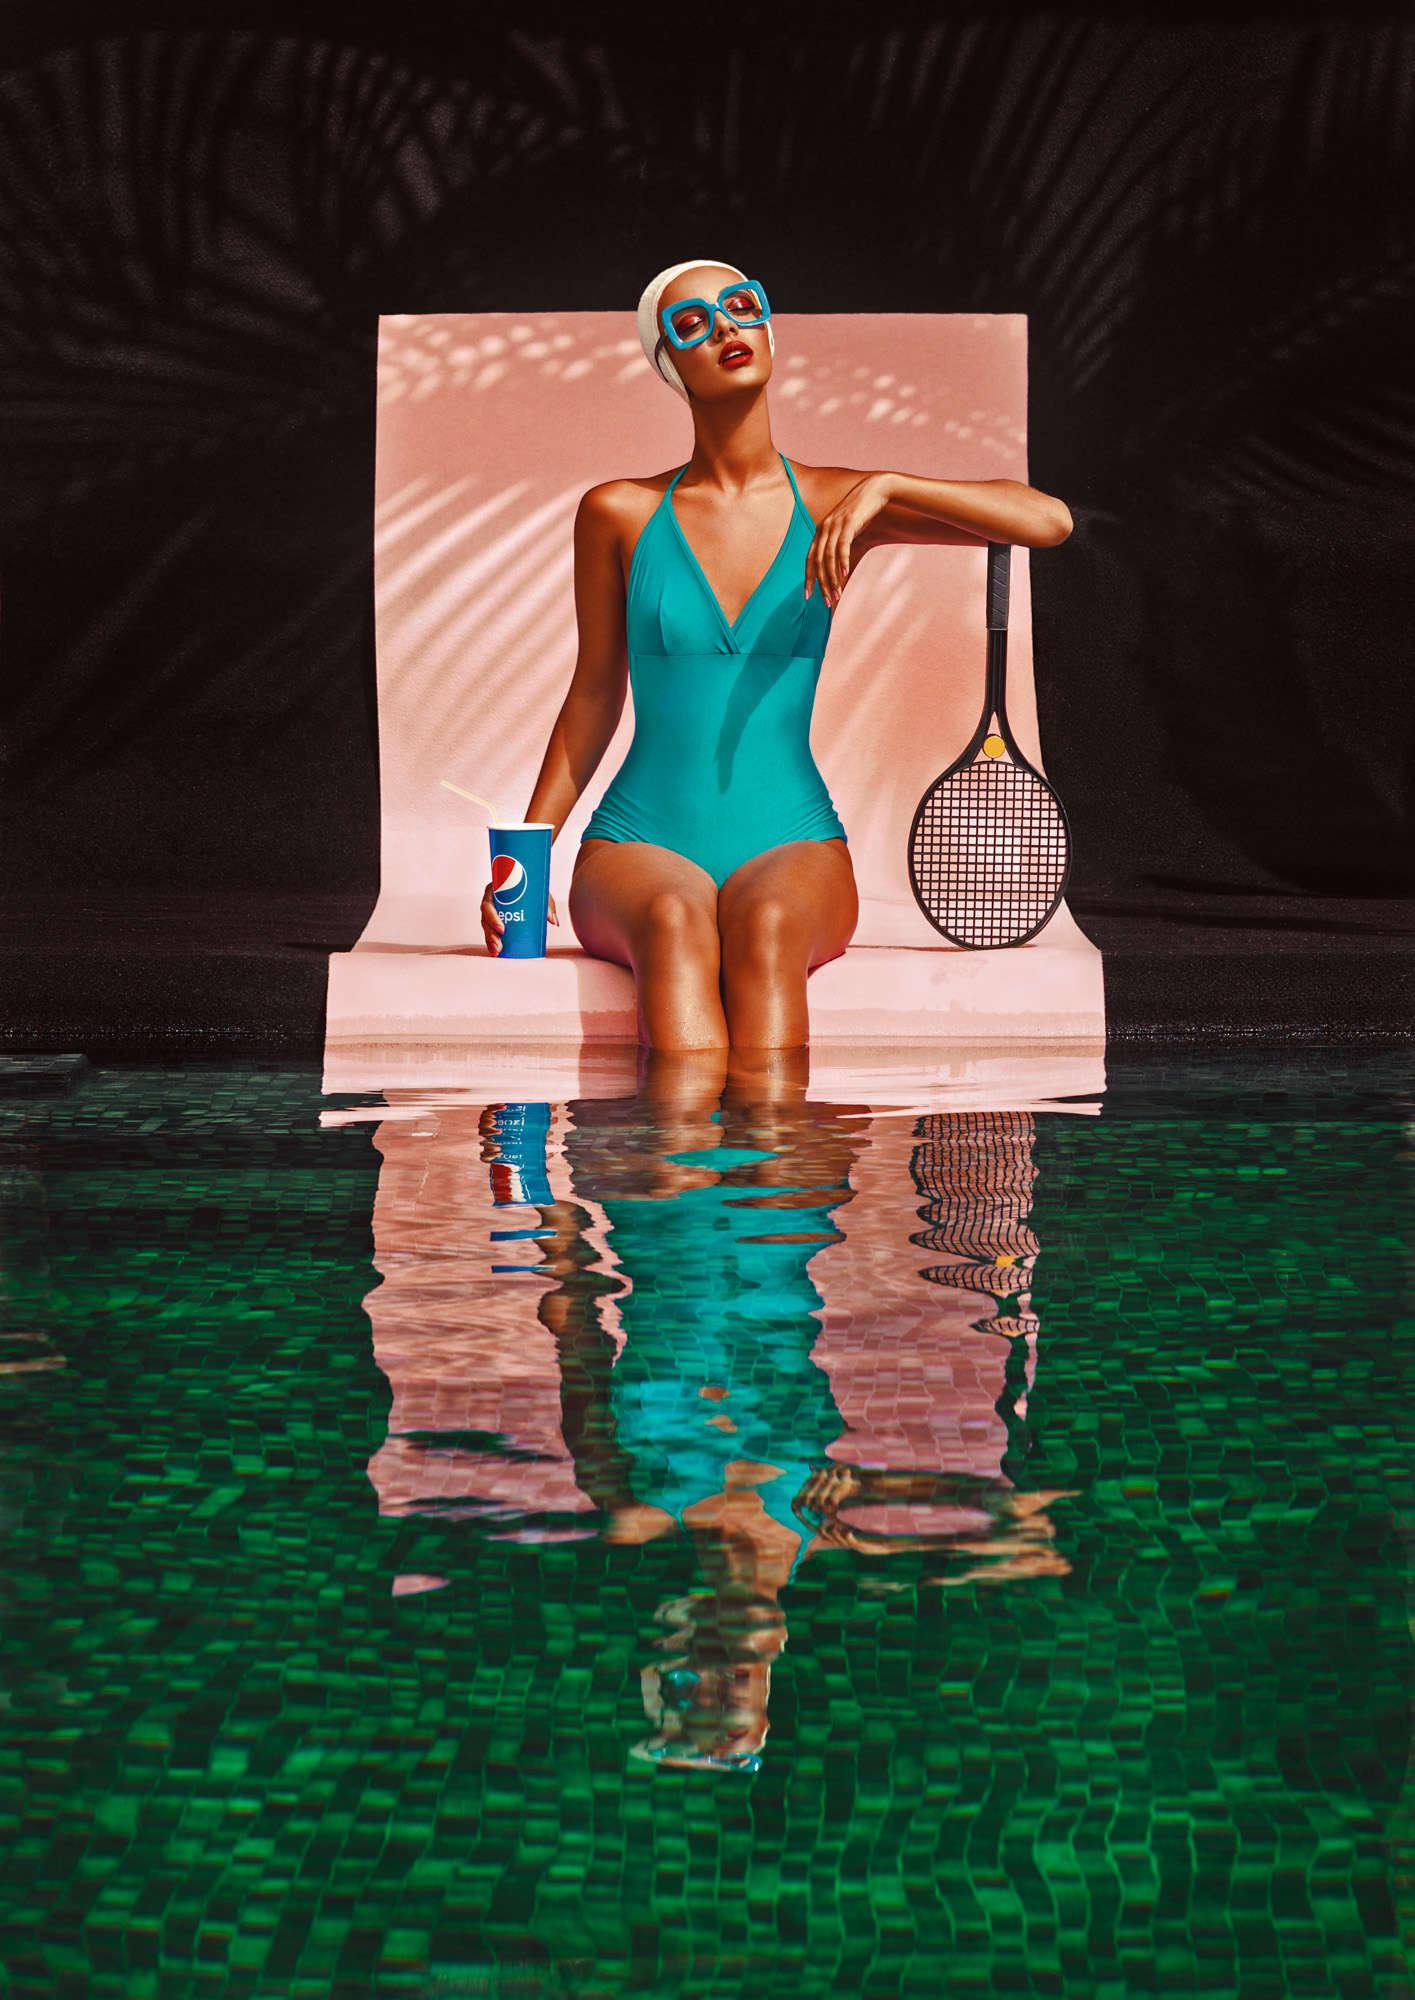 Elena Iv-Skaya - Dreamer Pool New Colors V